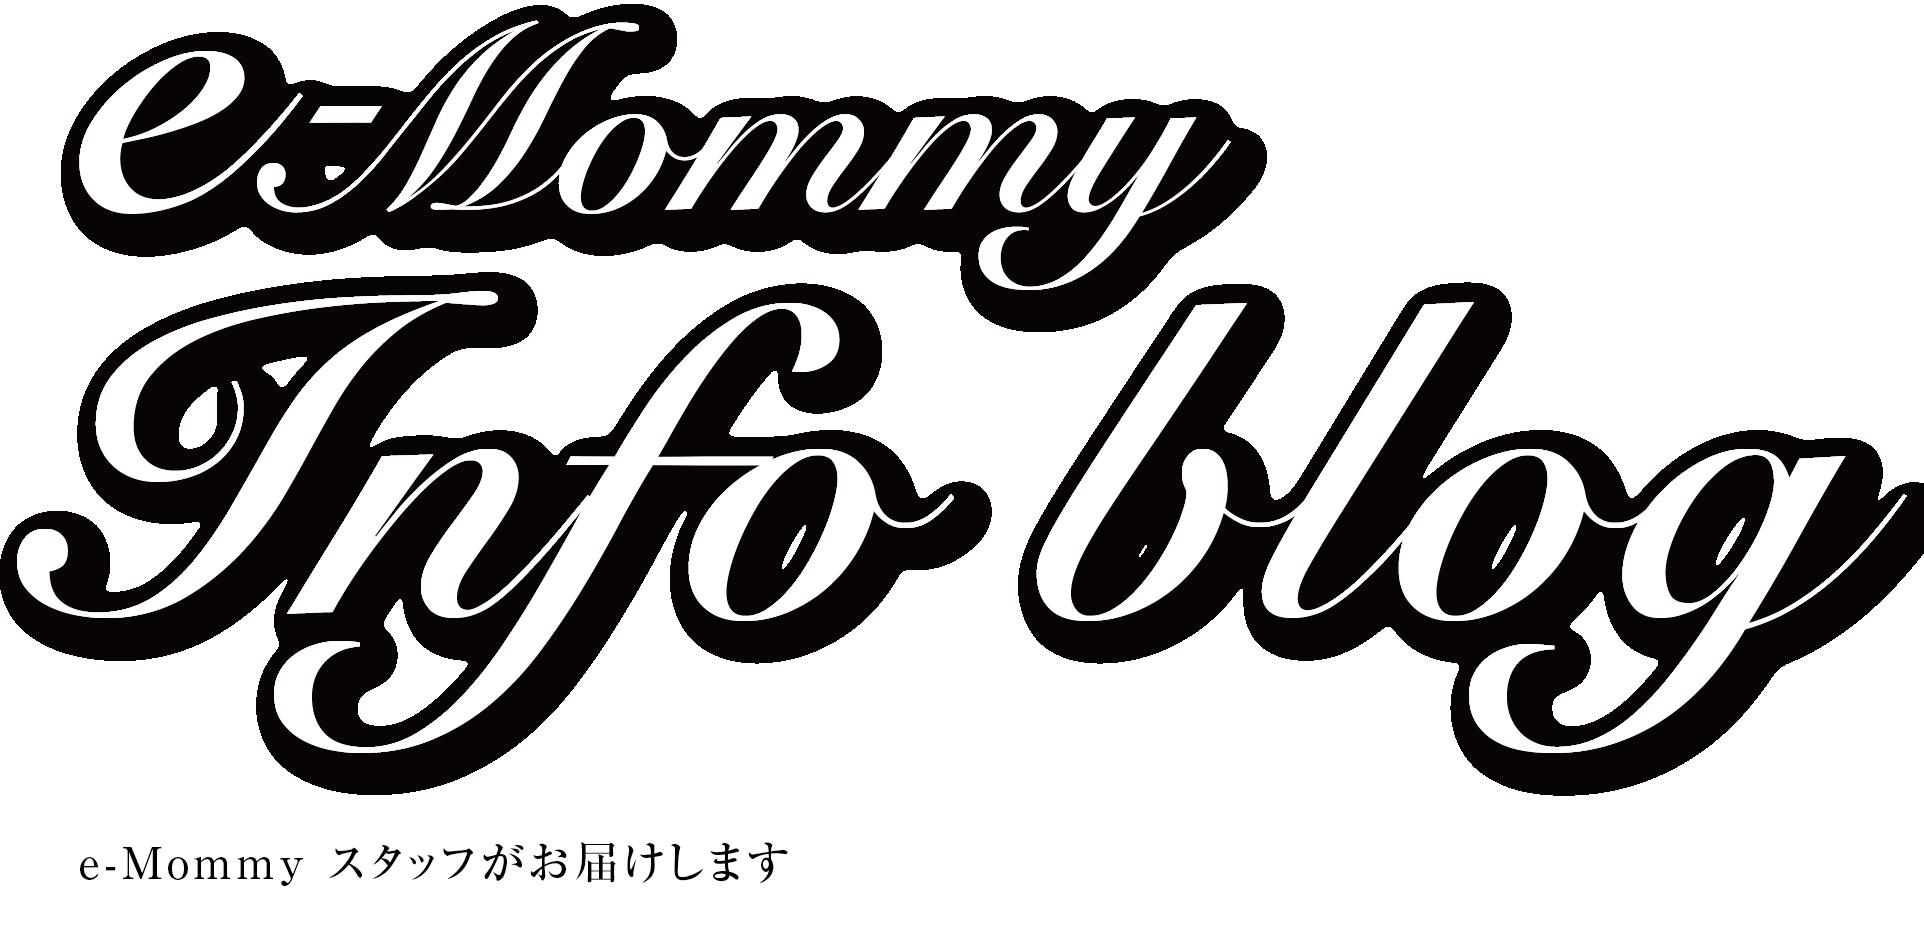 e-Mommy Info Blog